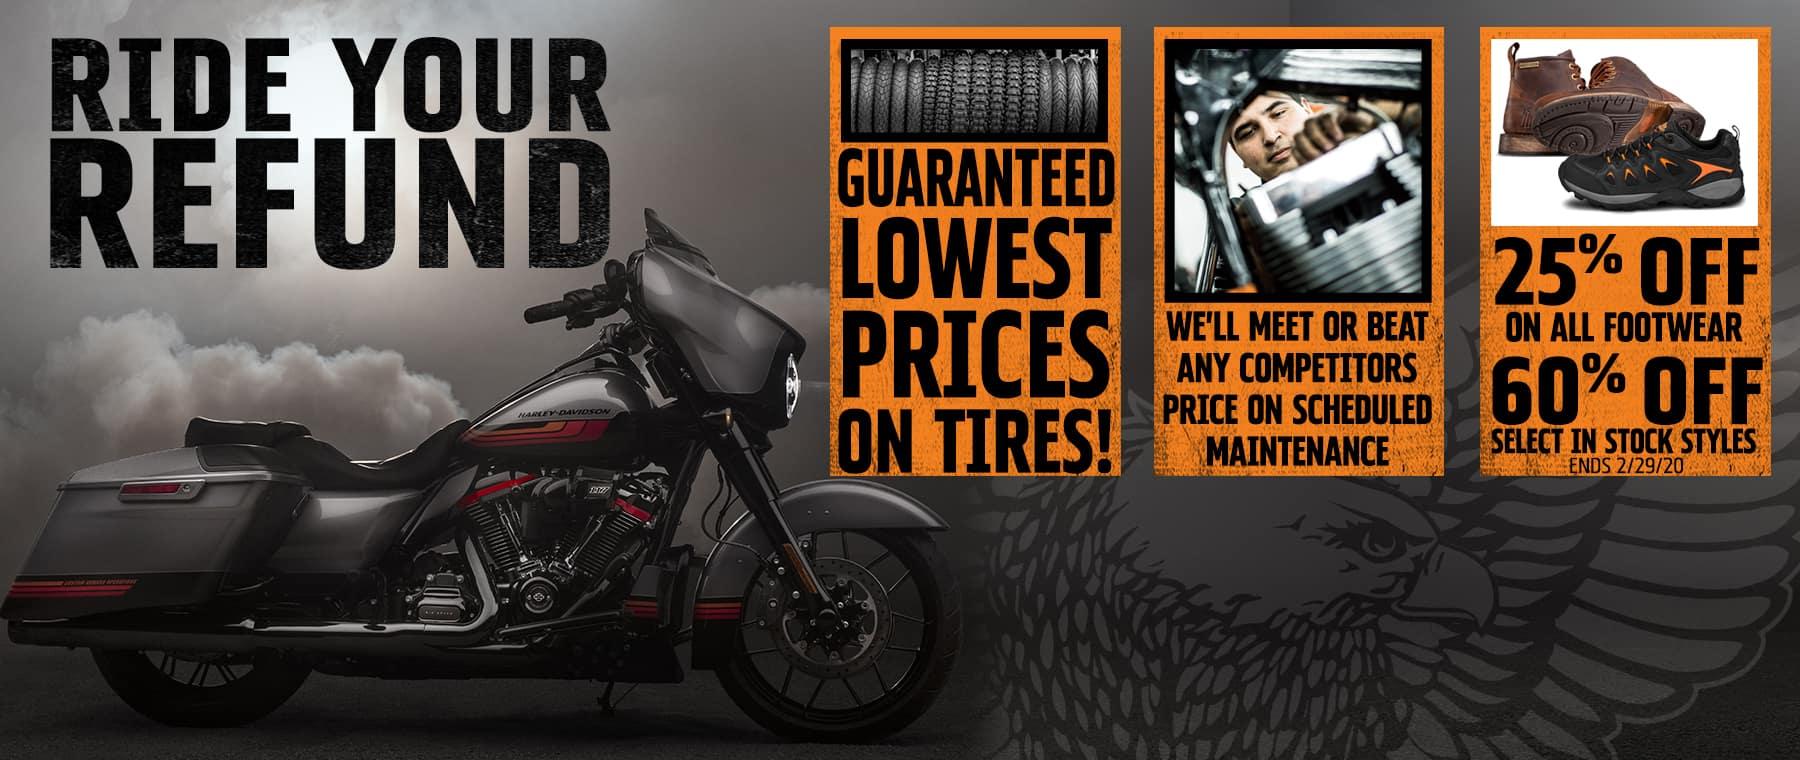 Ride Your Refund